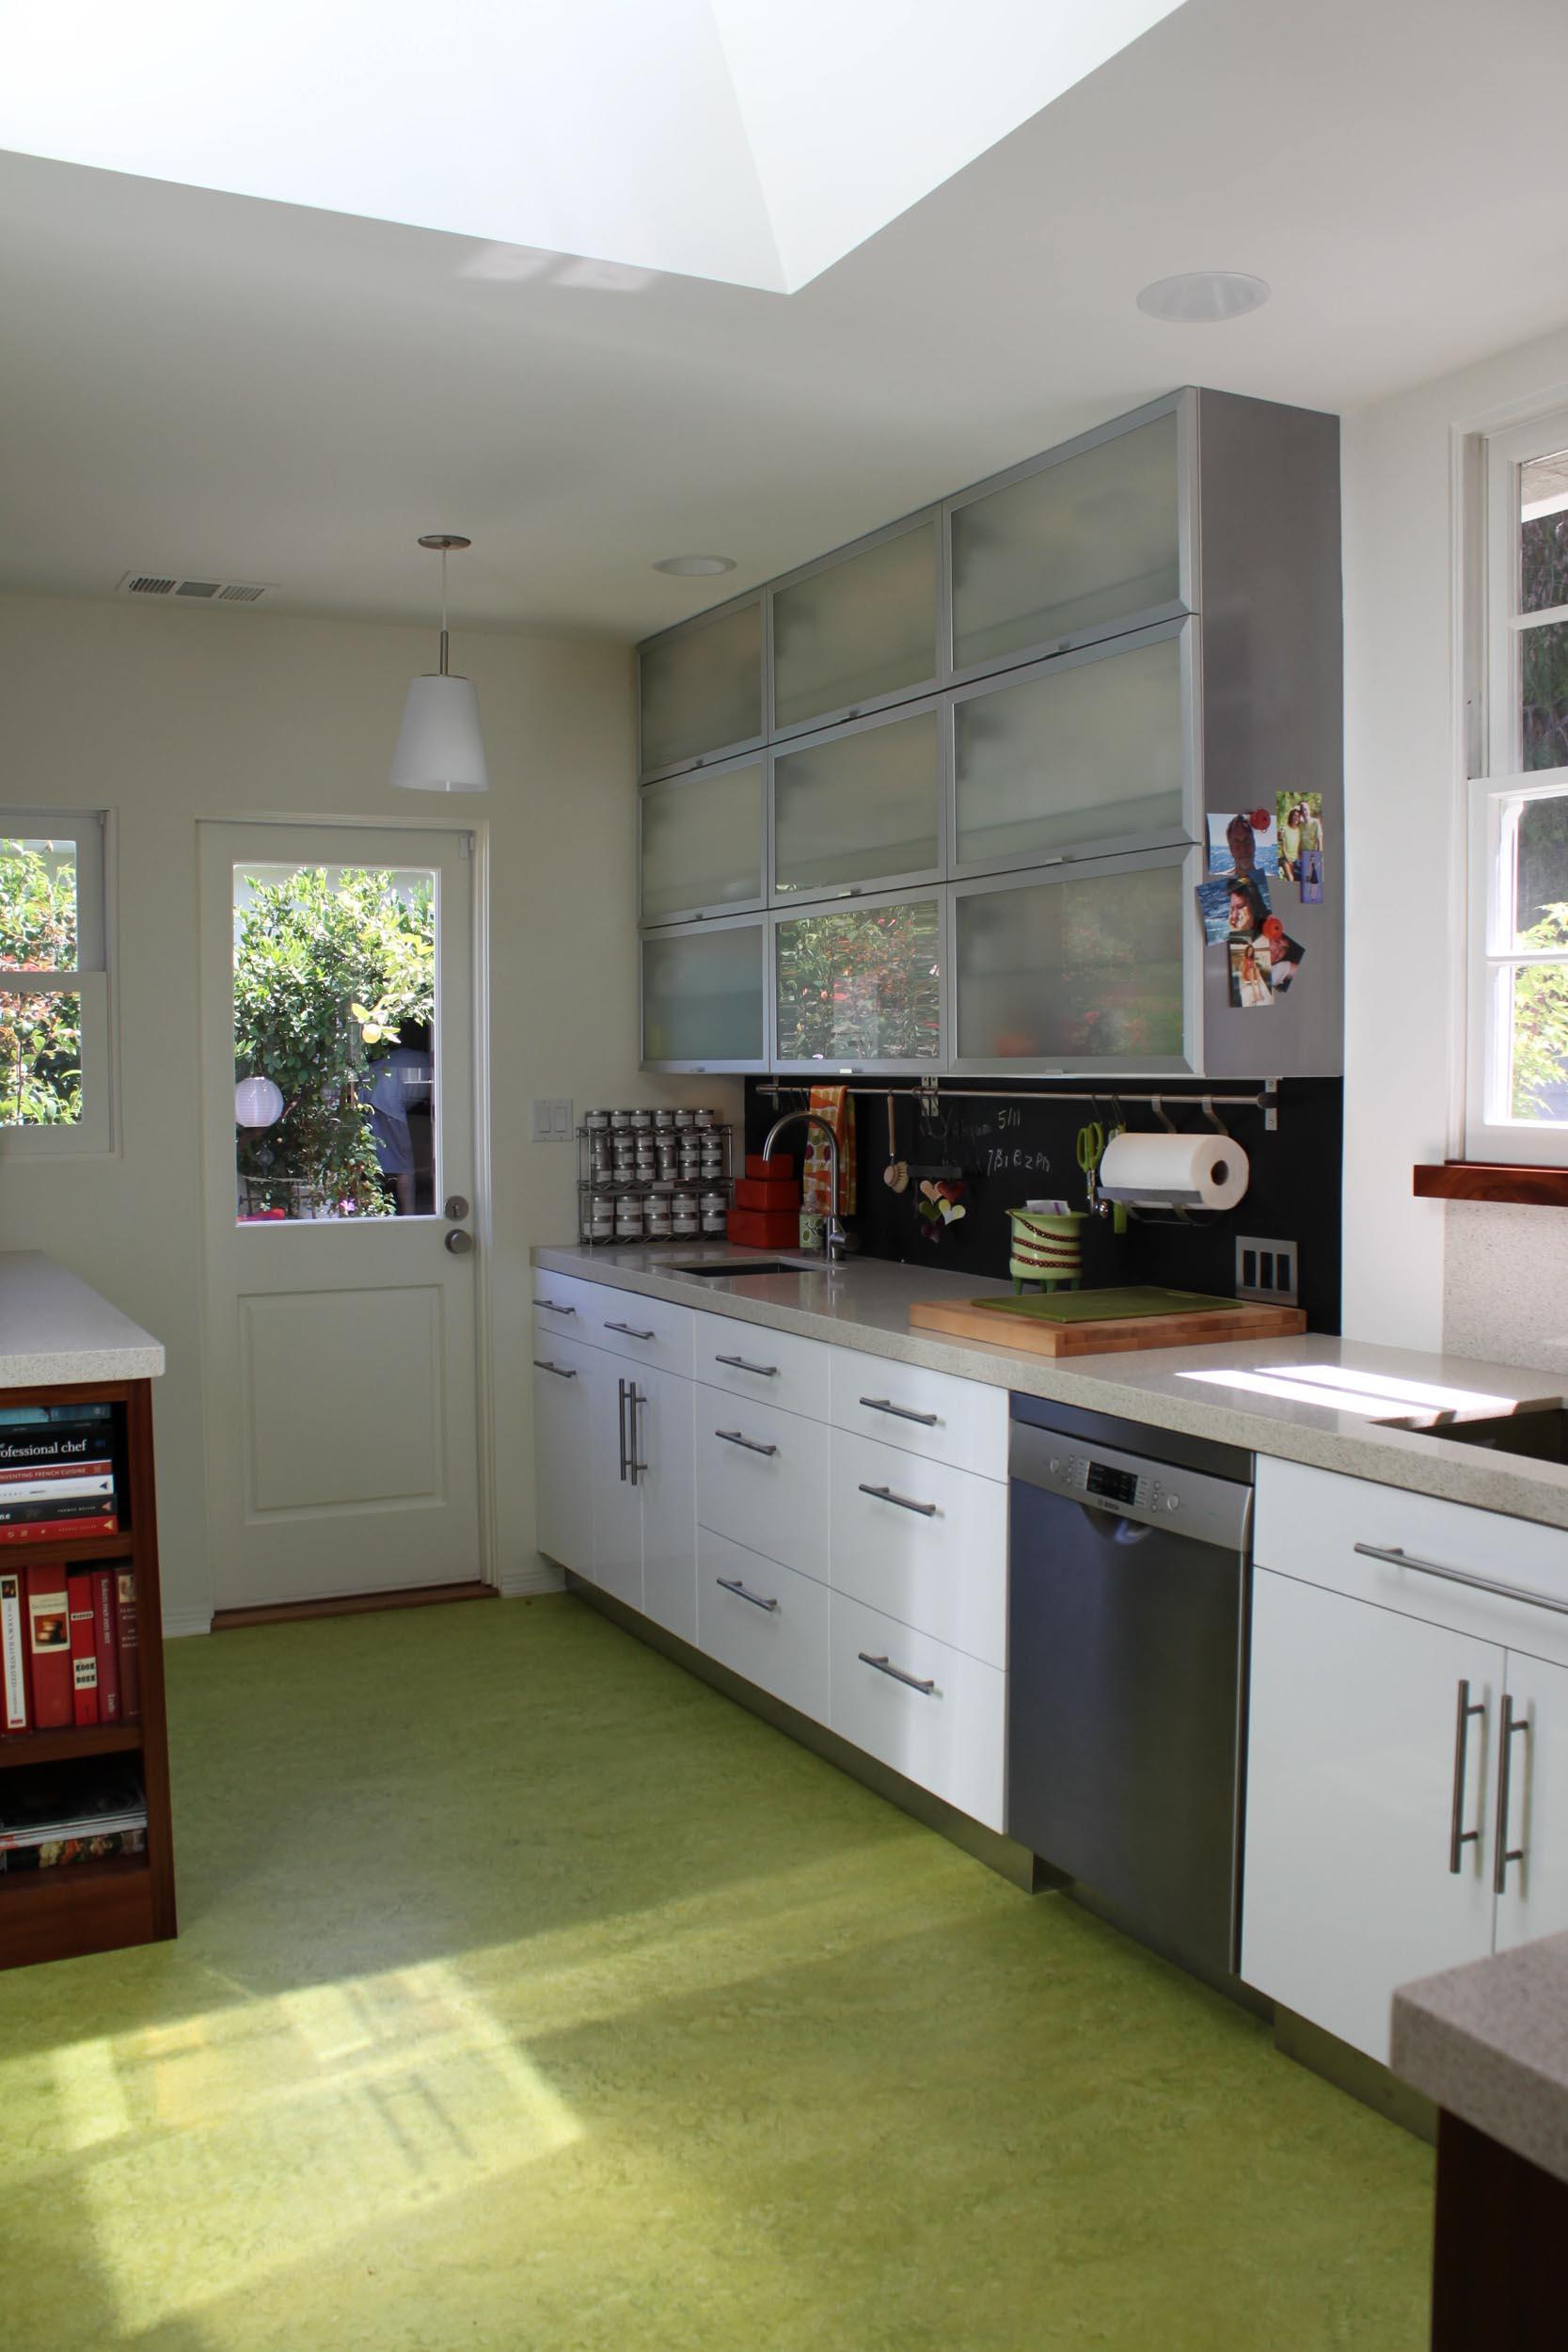 Modern Kitchen with chaulk board spalsh